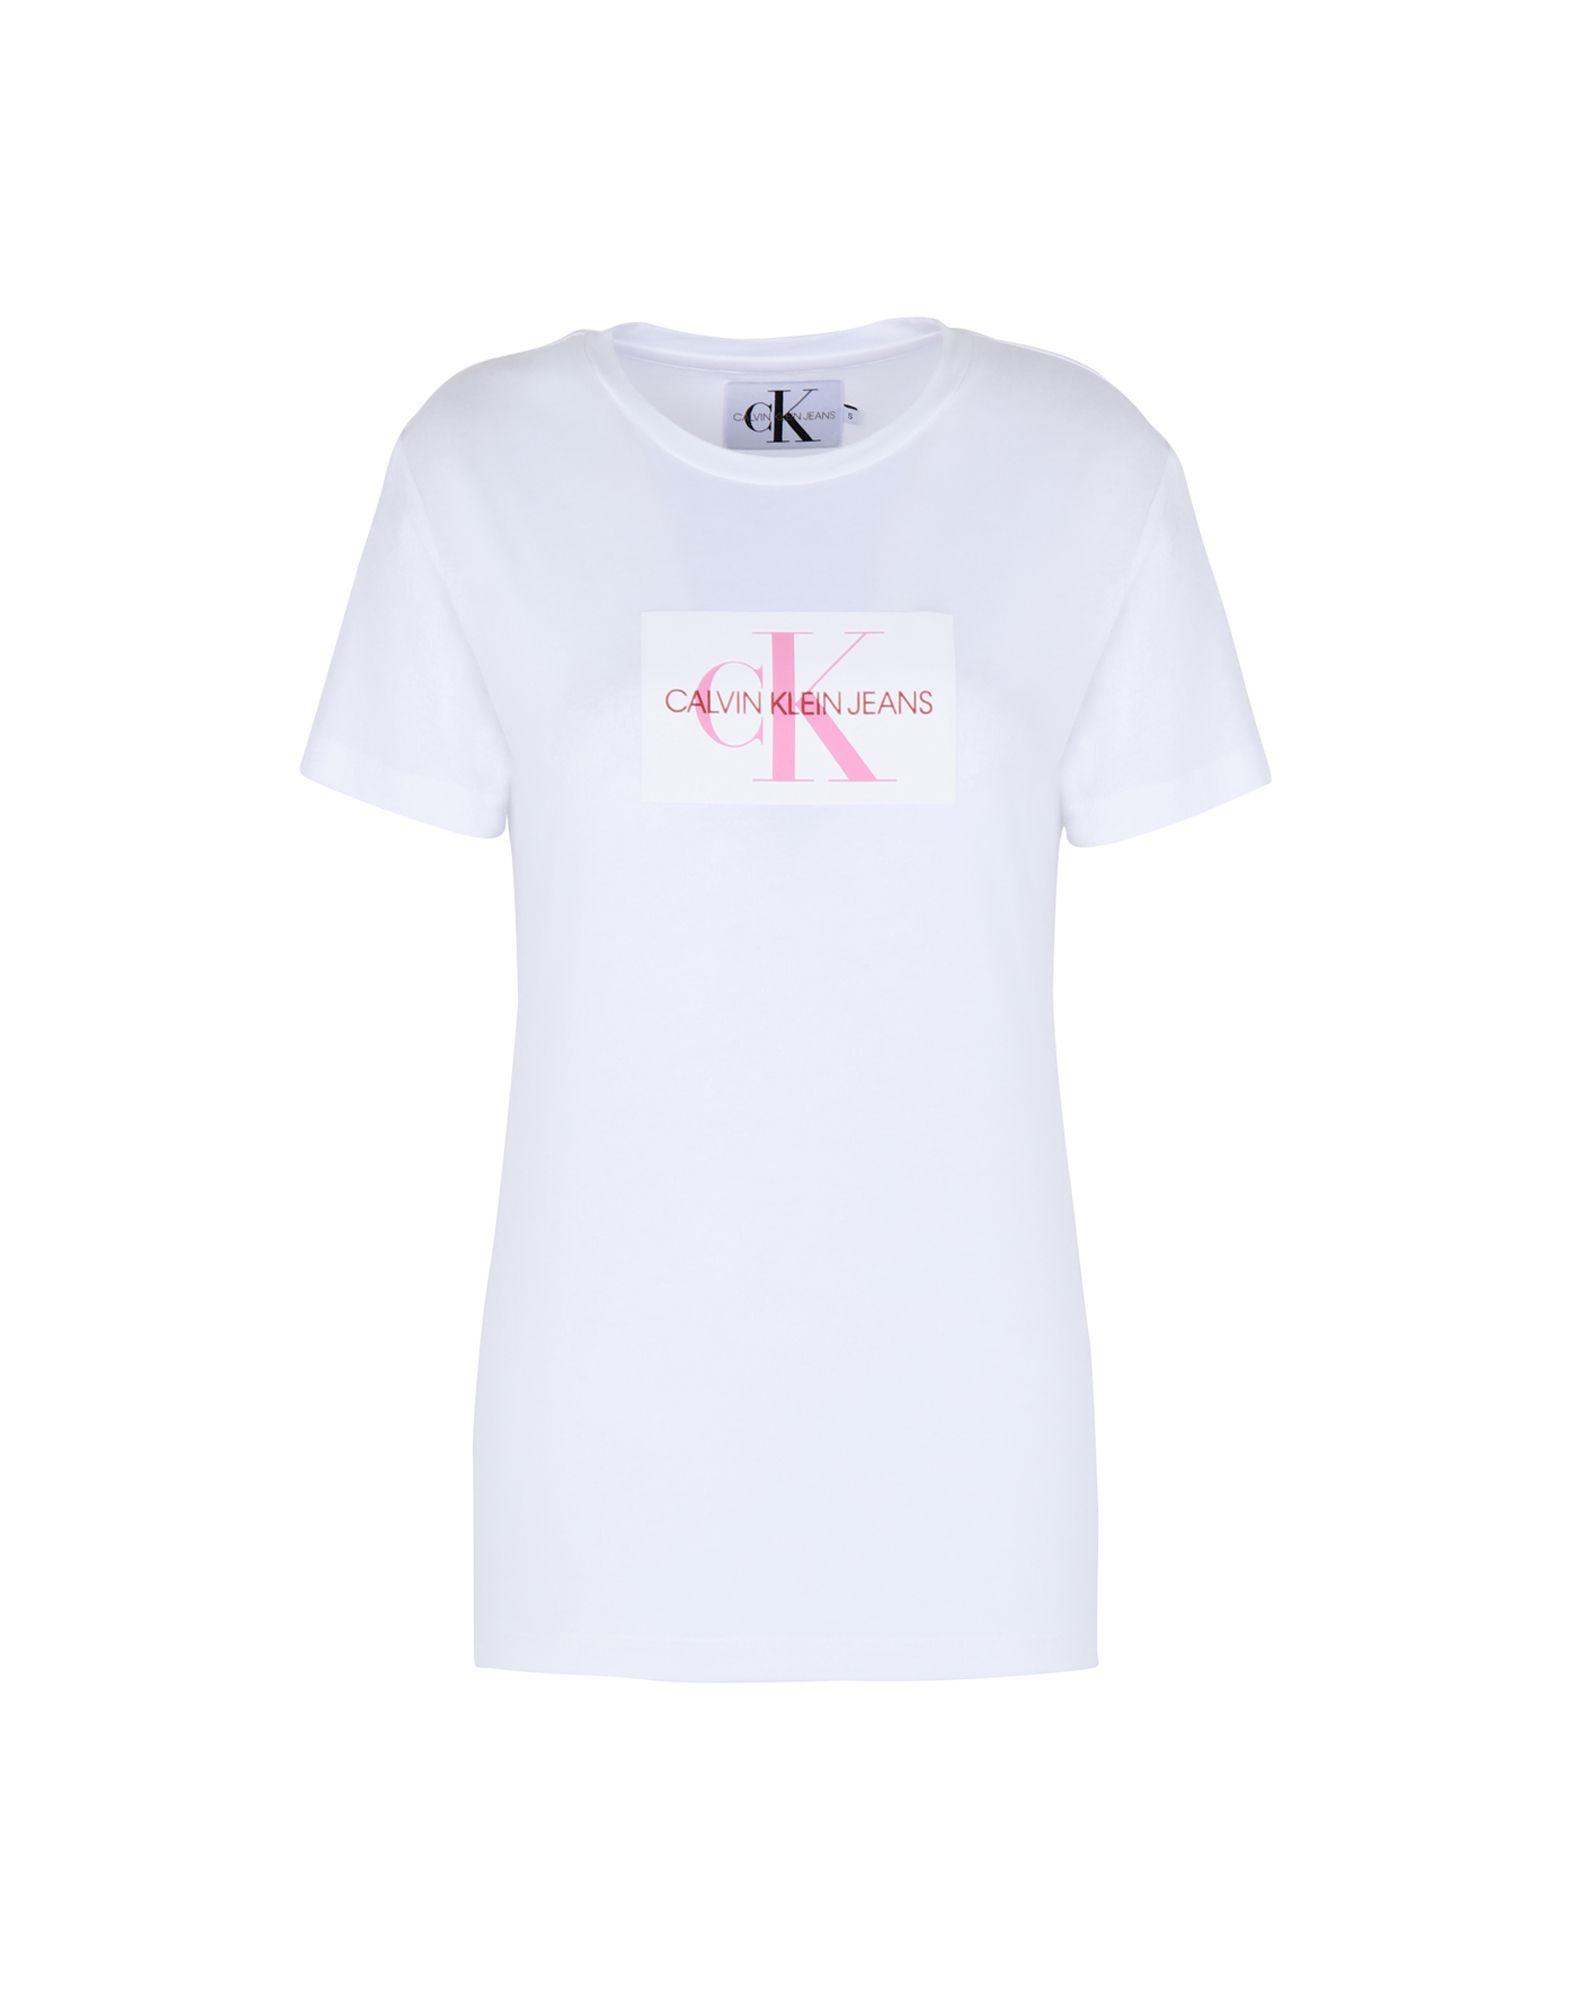 851cf461f7764 Slim Camiseta Mujer Camisetas Klein Jeans Calvin Flock Monogram nxwxqUHCaX